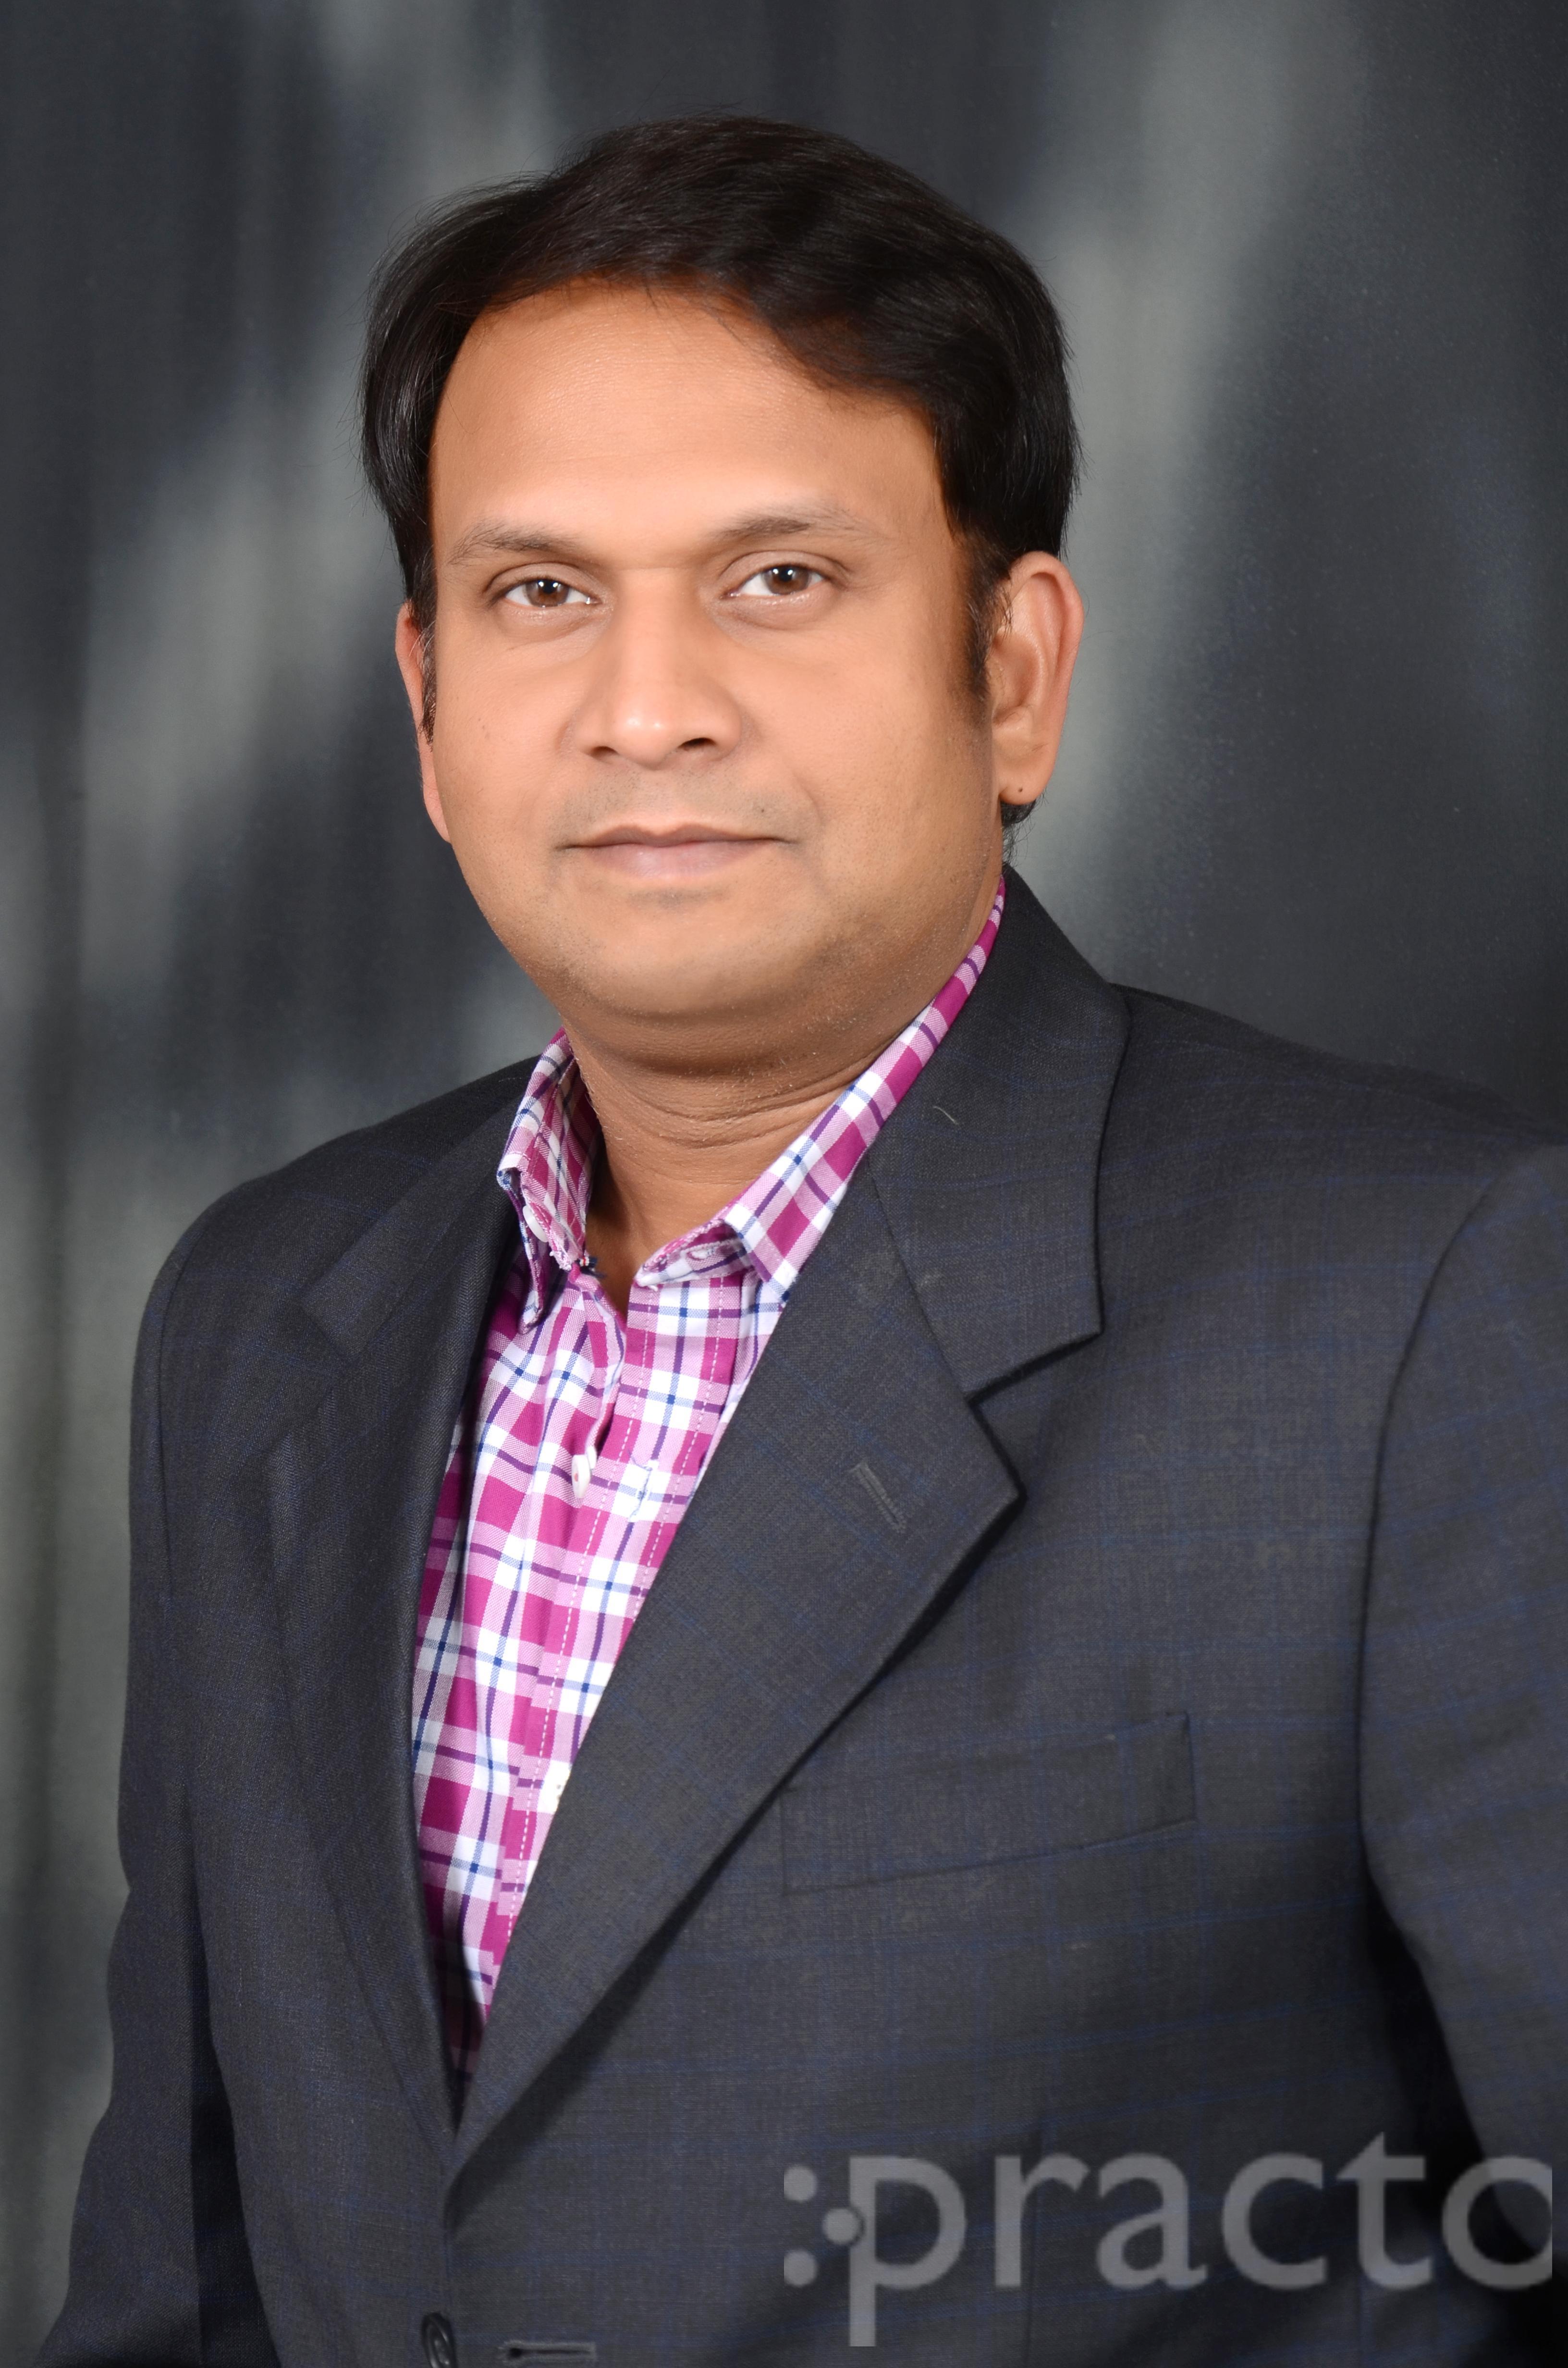 Dr. Dharmendra Chaudhary - Radiologist